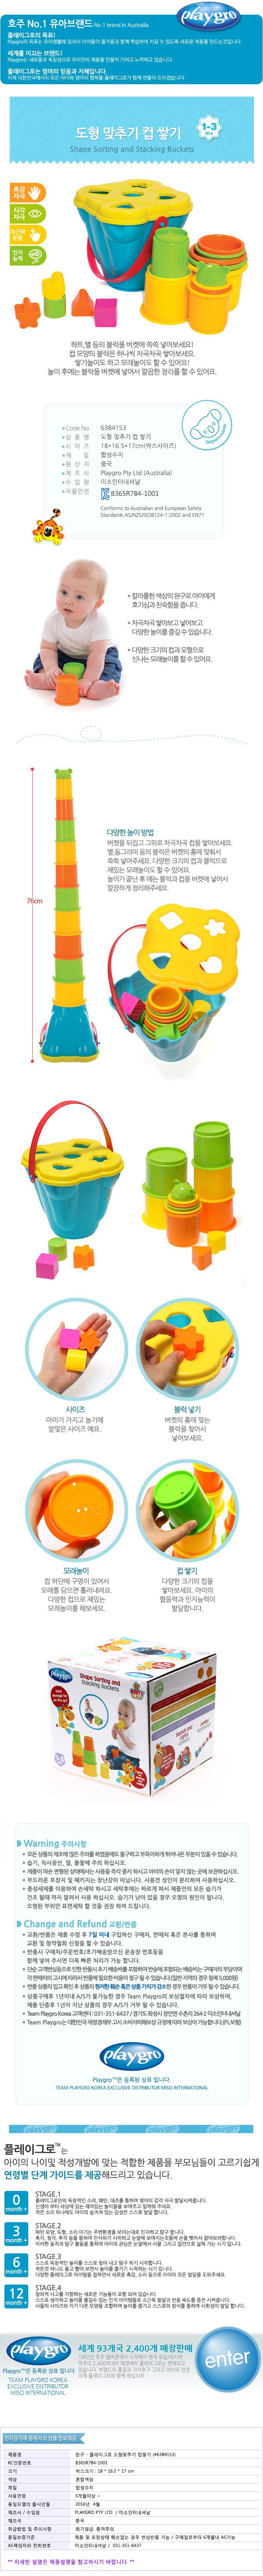 플레이그로 도형맞추기 컵쌓기 (6384153) 유아놀잇감 컵쌓기 컵놀이 장난감 쌓기놀이 유아완구 유아장난감 유아용완구 영유아장난감 영유아완구